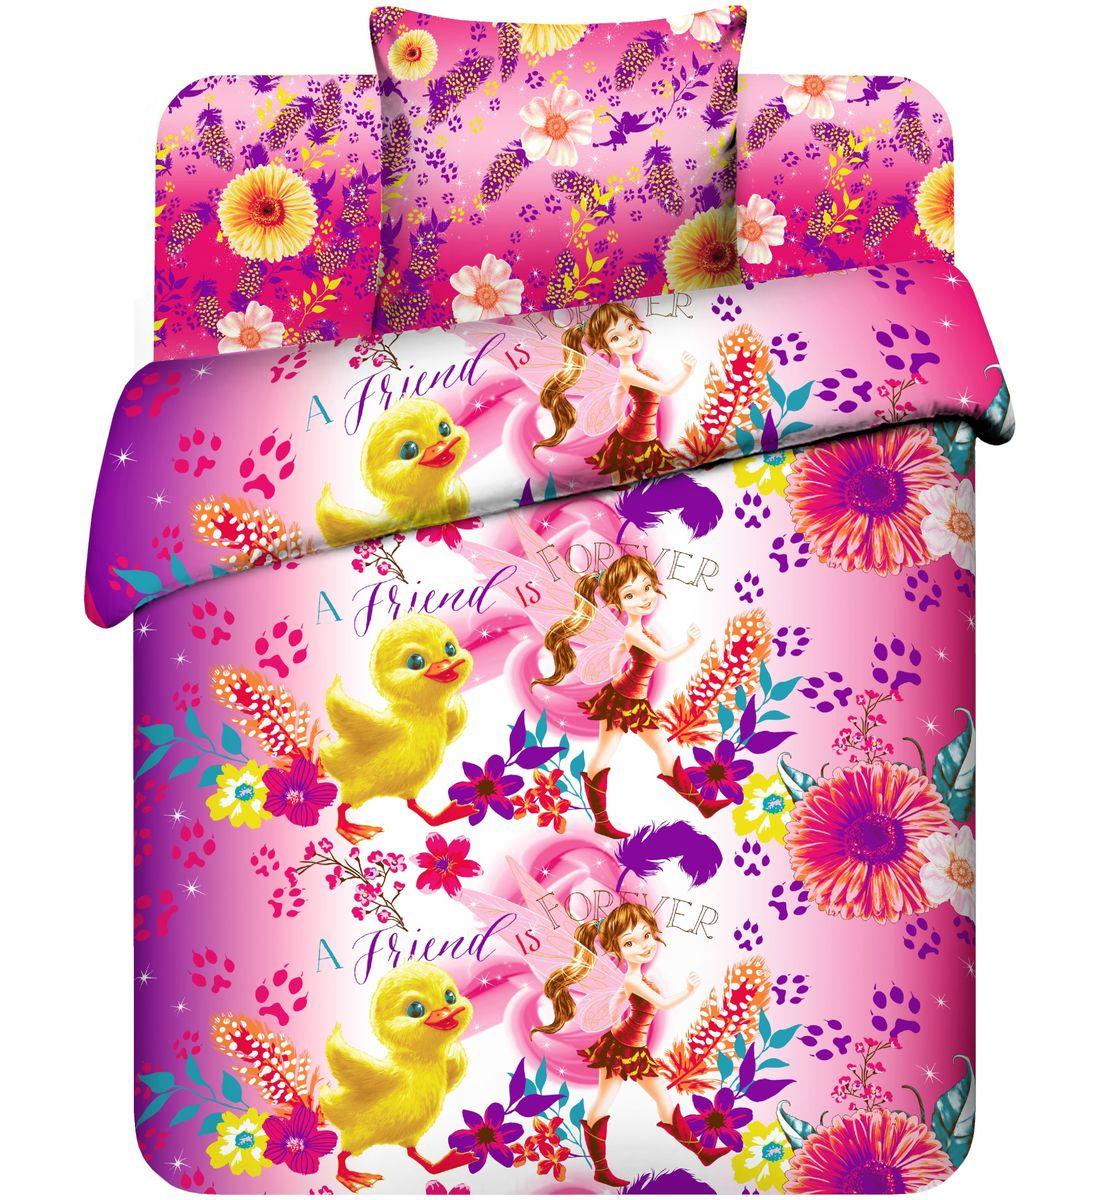 Василек Детское постельное белье Disney: Фея Фауна (1,5-спальный КПБ, бязь, наволочка 70х70)4442Комплект постельного белья Василек Disney: Фея Фауна, 1,5-спальный, состоящий из наволочки, простыни и пододеяльника, выполнен из 100% хлопка и оформлен изображением феи Фауны. Это постельное белье абсолютно натуральное, гипоаллергенное, соответствует строжайшим экологическим нормам безопасности, комфортное, дышащее, не нарушает естественные процессы терморегуляции, прочное, не линяет, не деформируется и не теряет своих красок даже после многочисленных стирок, а также отличается хорошей износостойкостью. Такой комплект идеально подойдет для кровати вашего ребенка. На нем ваш малыш будет спать здоровым и крепким сном. В подарок к комплекту идет закладка для книги от Disney!